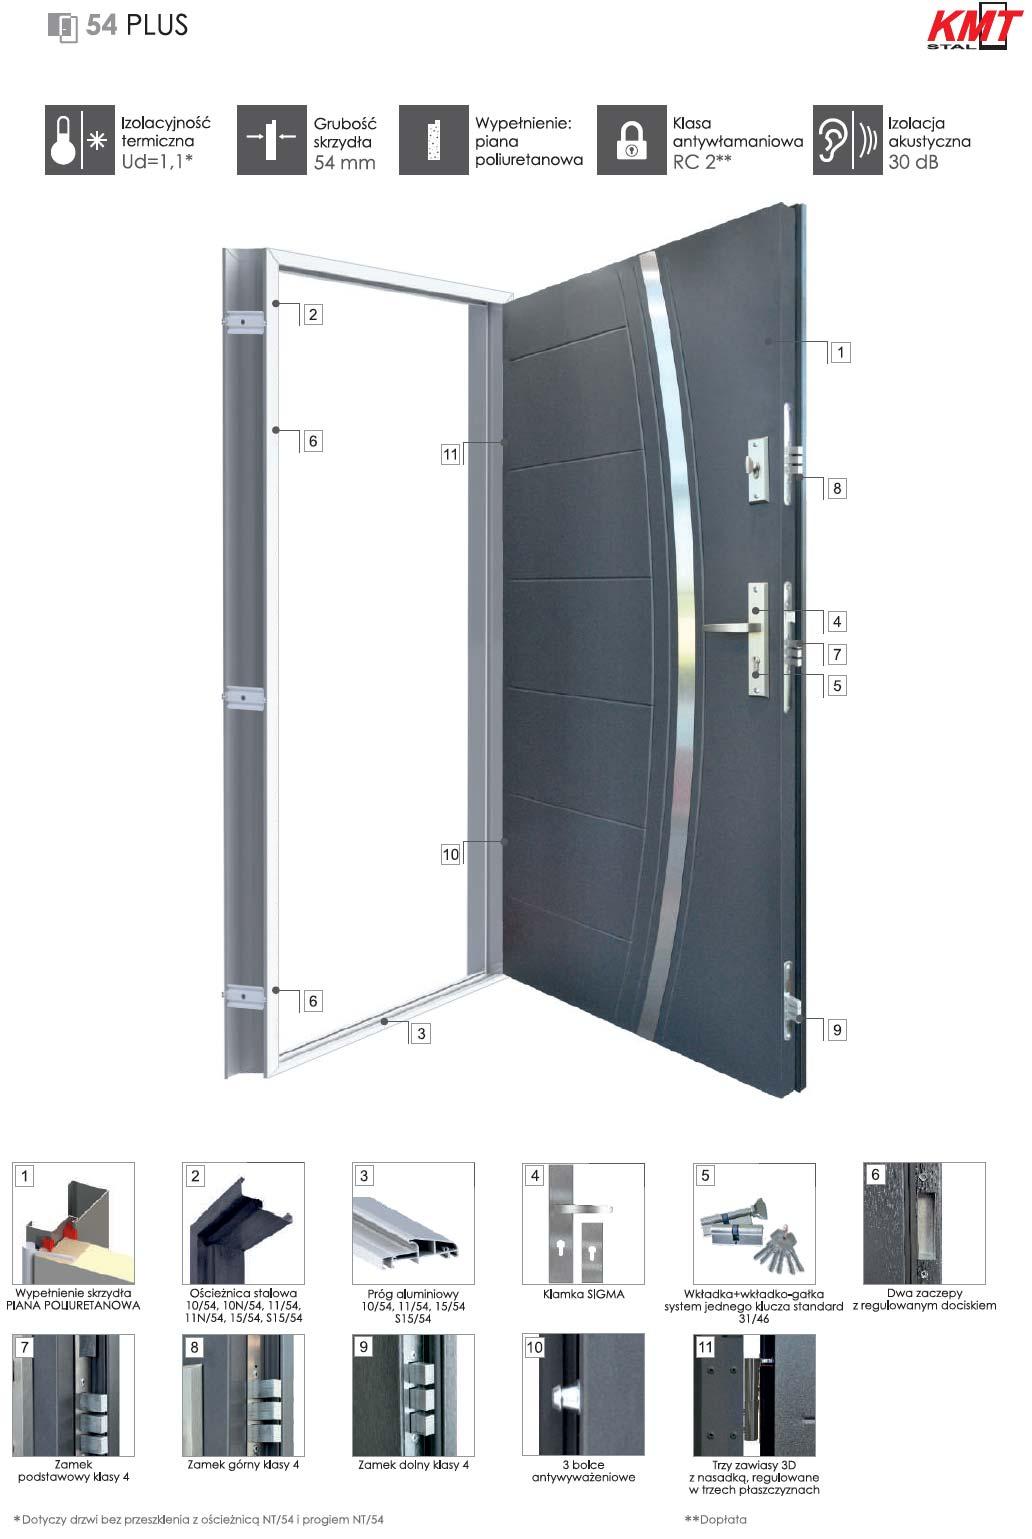 drzwi-kmt-plus54-schemat